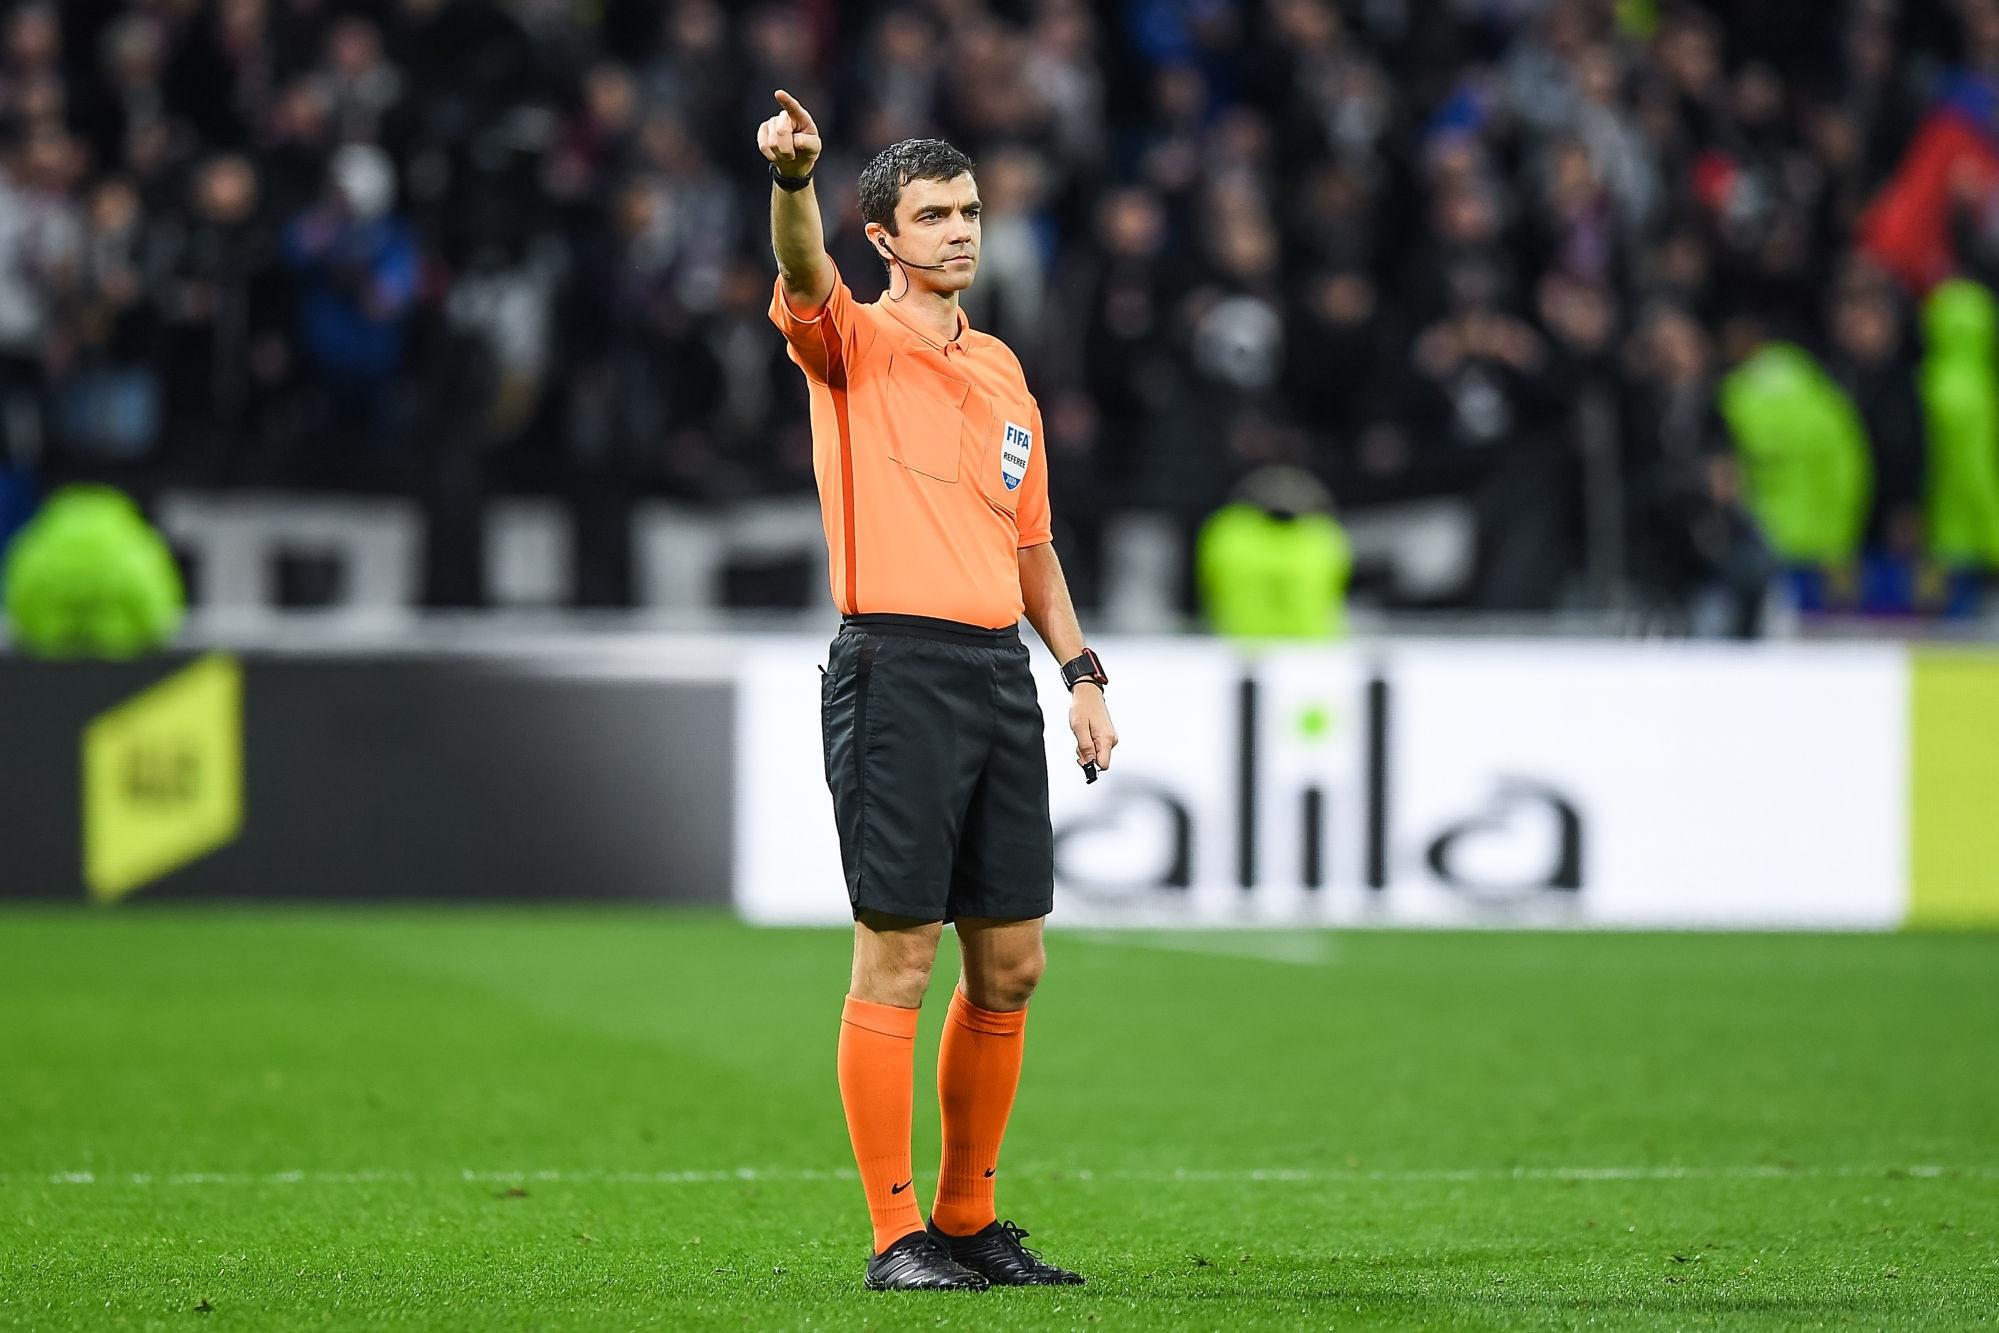 Lens/PSG - L'arbitre de la rencontre a désigné, beaucoup de jaunes et de penaltys